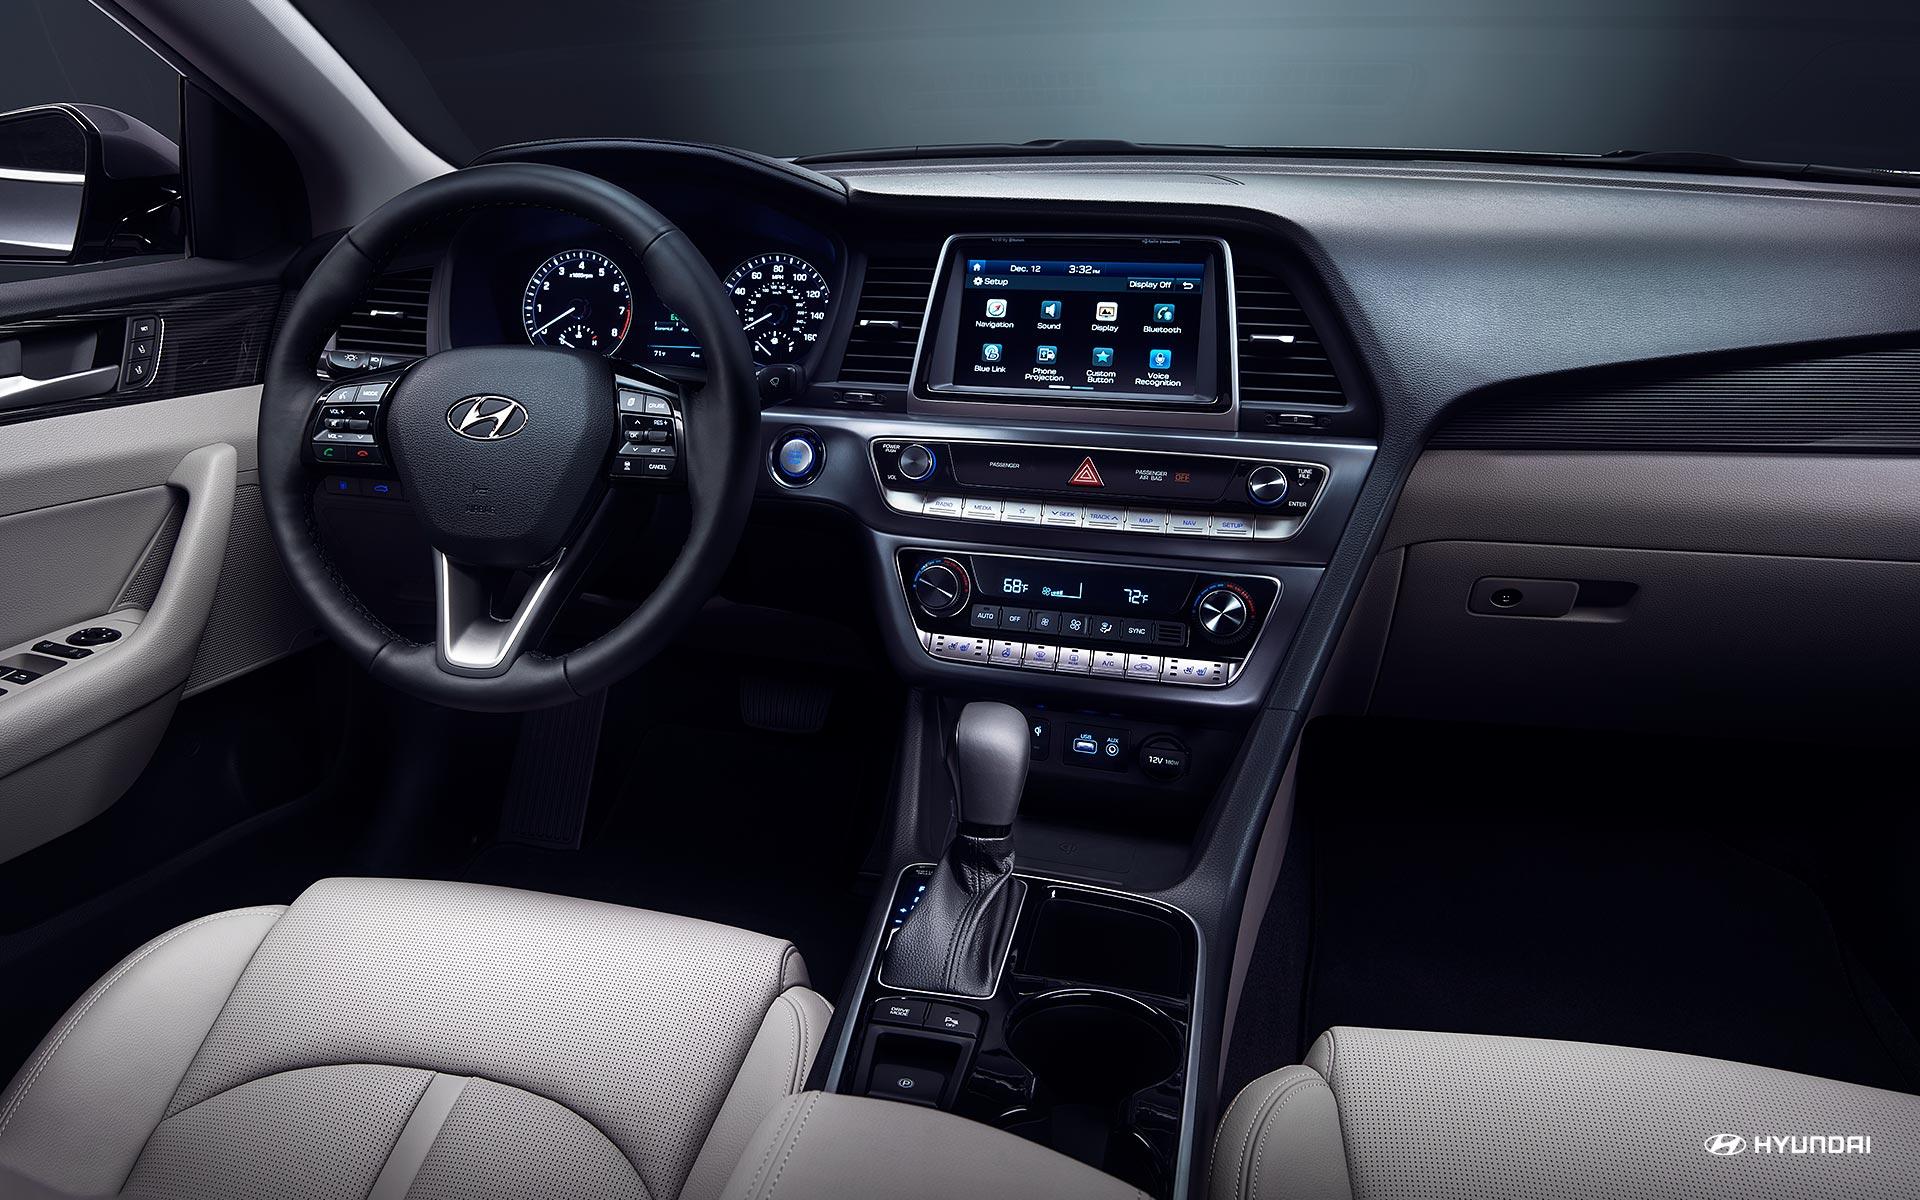 El interior del Hyundai Sonata 2019 te ofrece inigualable confort.